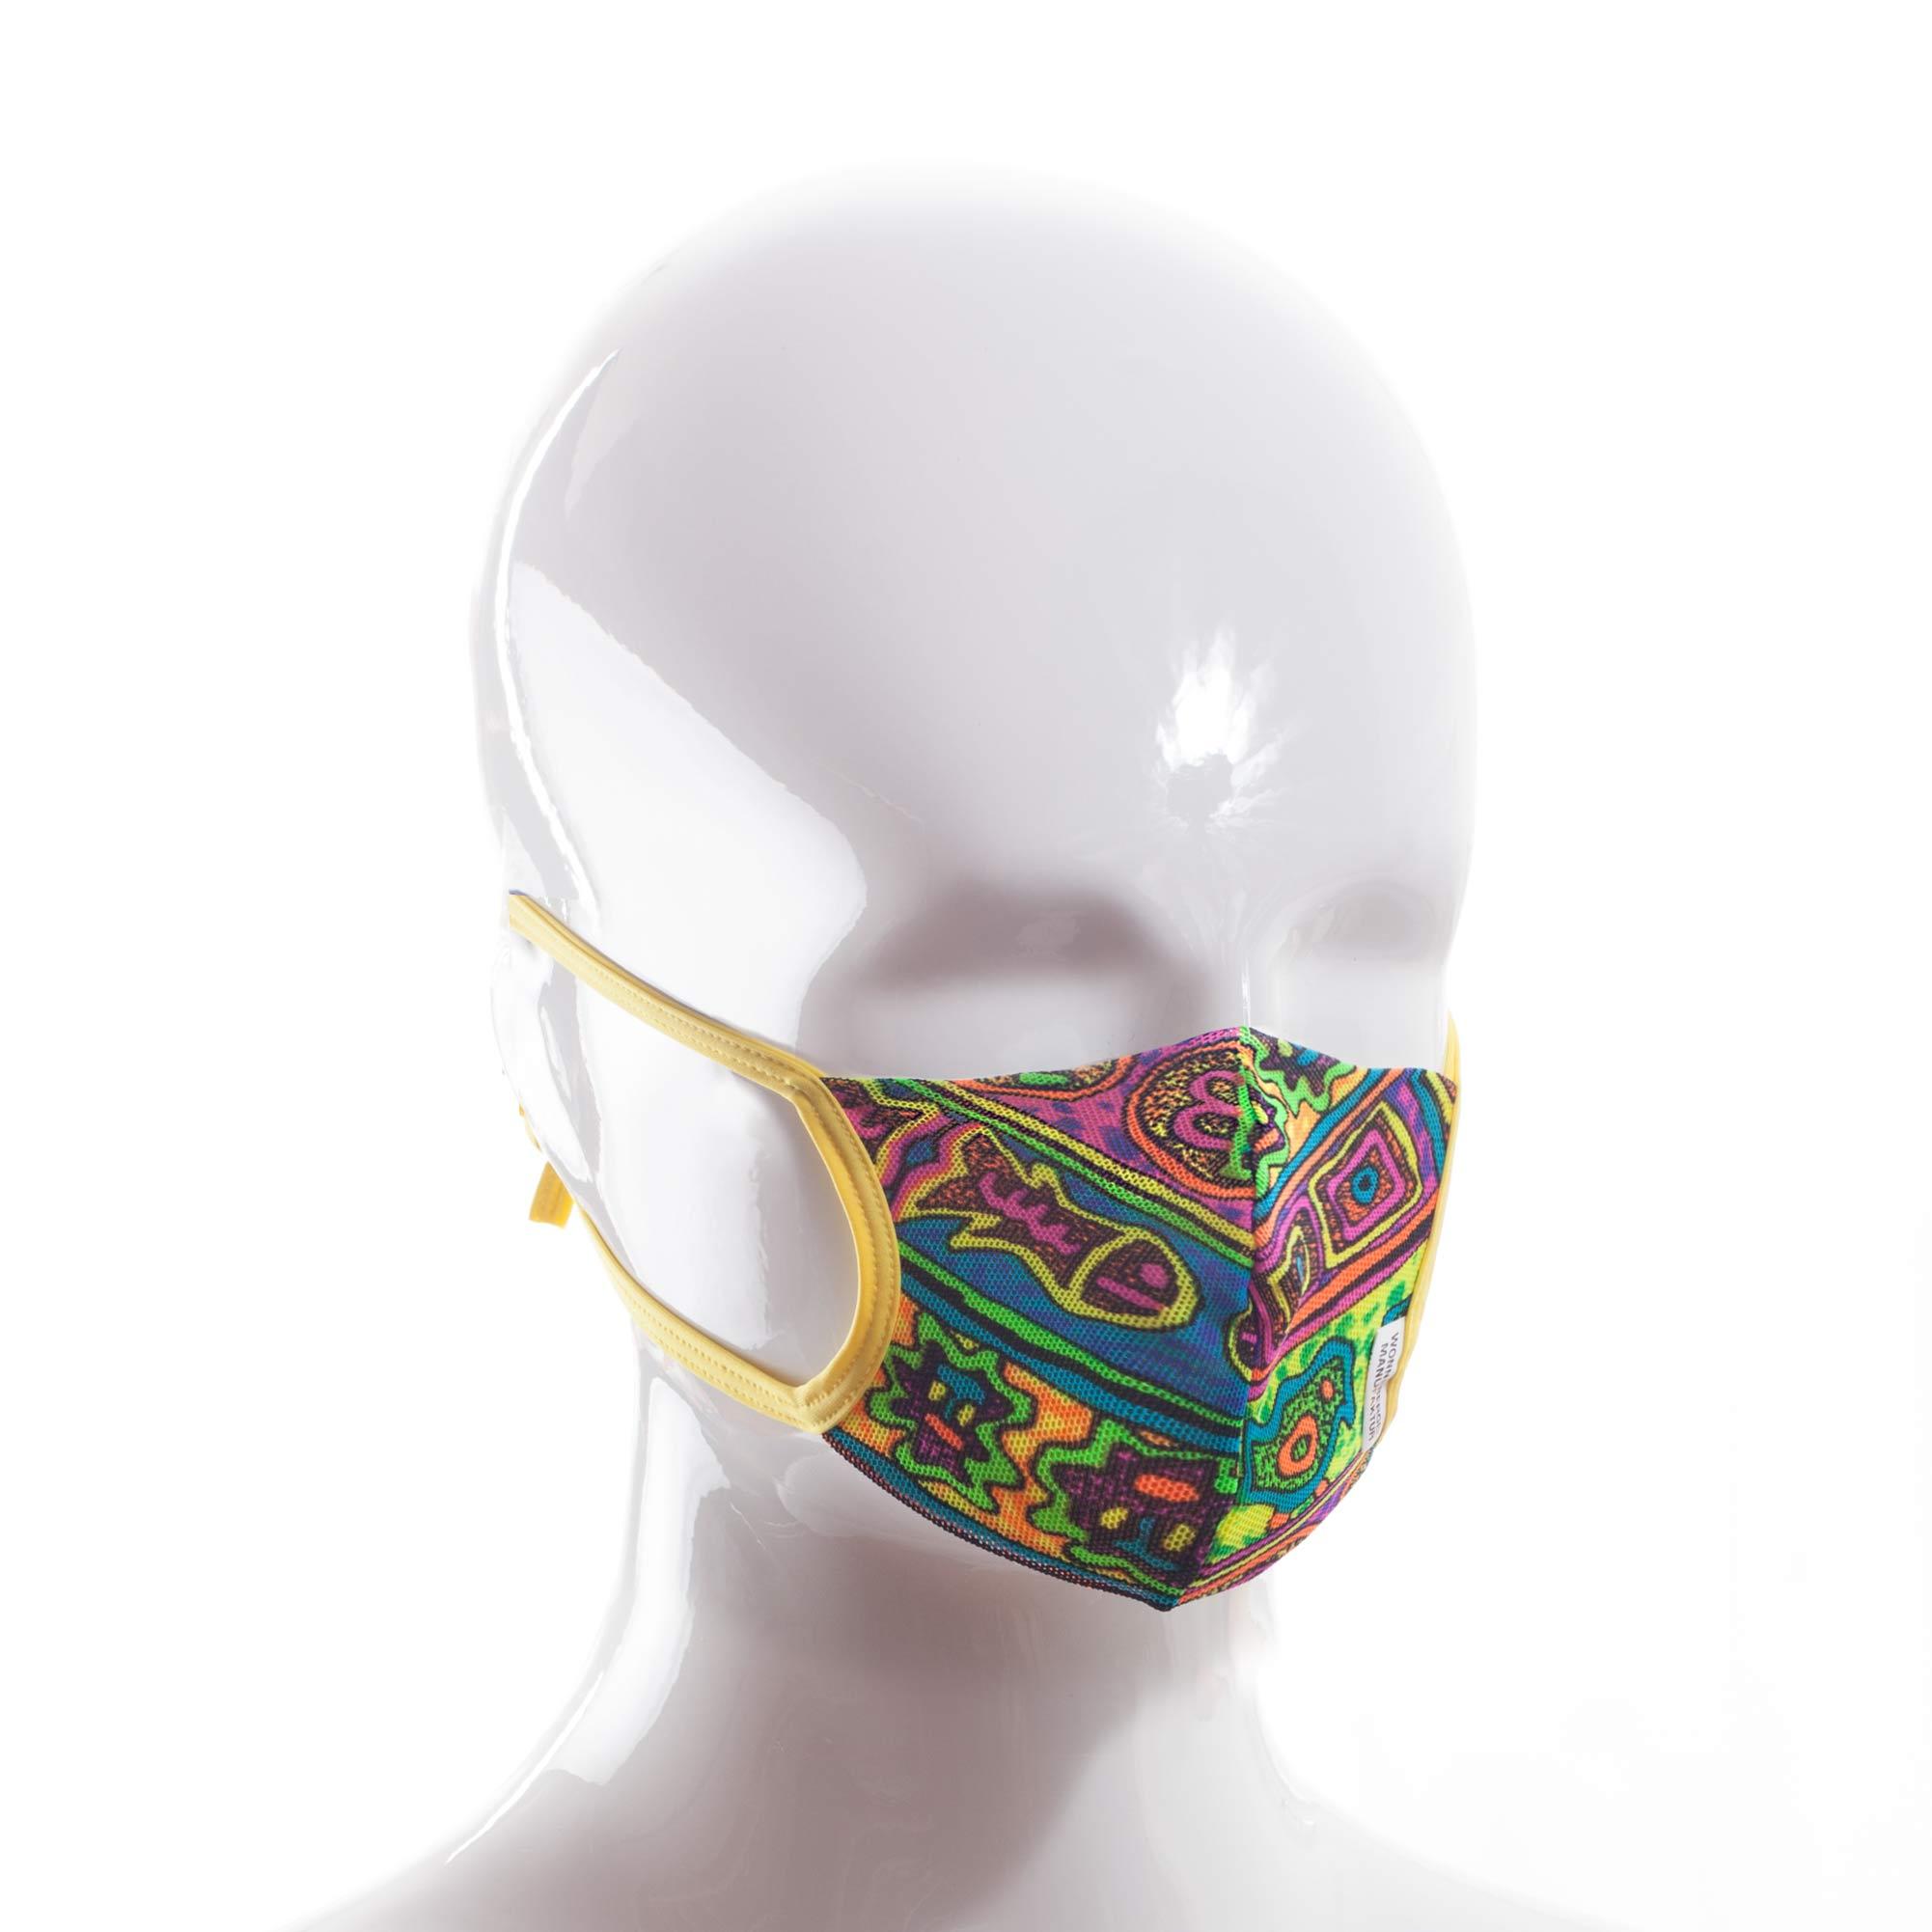 Die Baumwoll-Polyester Mund-Nasen Maske BWPM4.1KidsSommergelb von der Wonneberger Manufaktur ist eine textile Behelfsmaske, kein zertifizierter Mundschutz.  Sie schützt nur bedingt vor Ansteckung. Ihr eigentlicher Zweck ist es, den Atem des Trägers zu filtern und dadurch seine Umgebung zu schützen. Daher muss die…